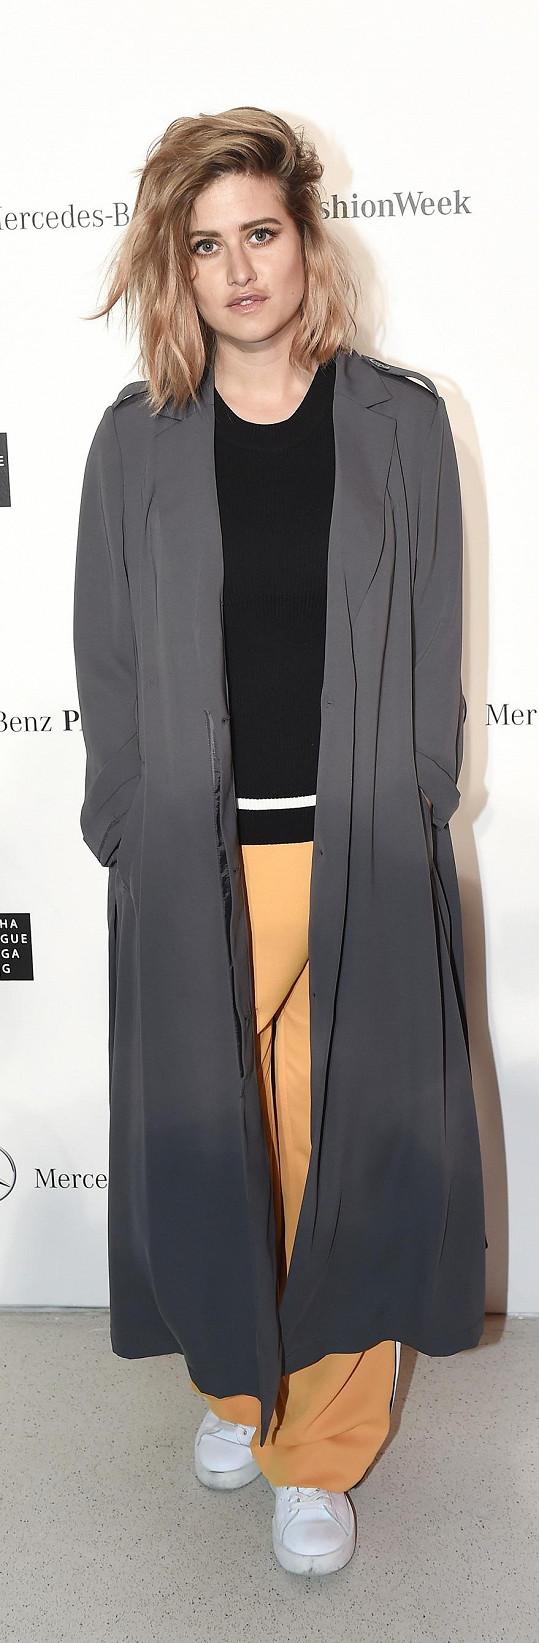 Smetana podlehla i aktuálnímu trendu lehkých letních kabátů z kolekce téže značky.